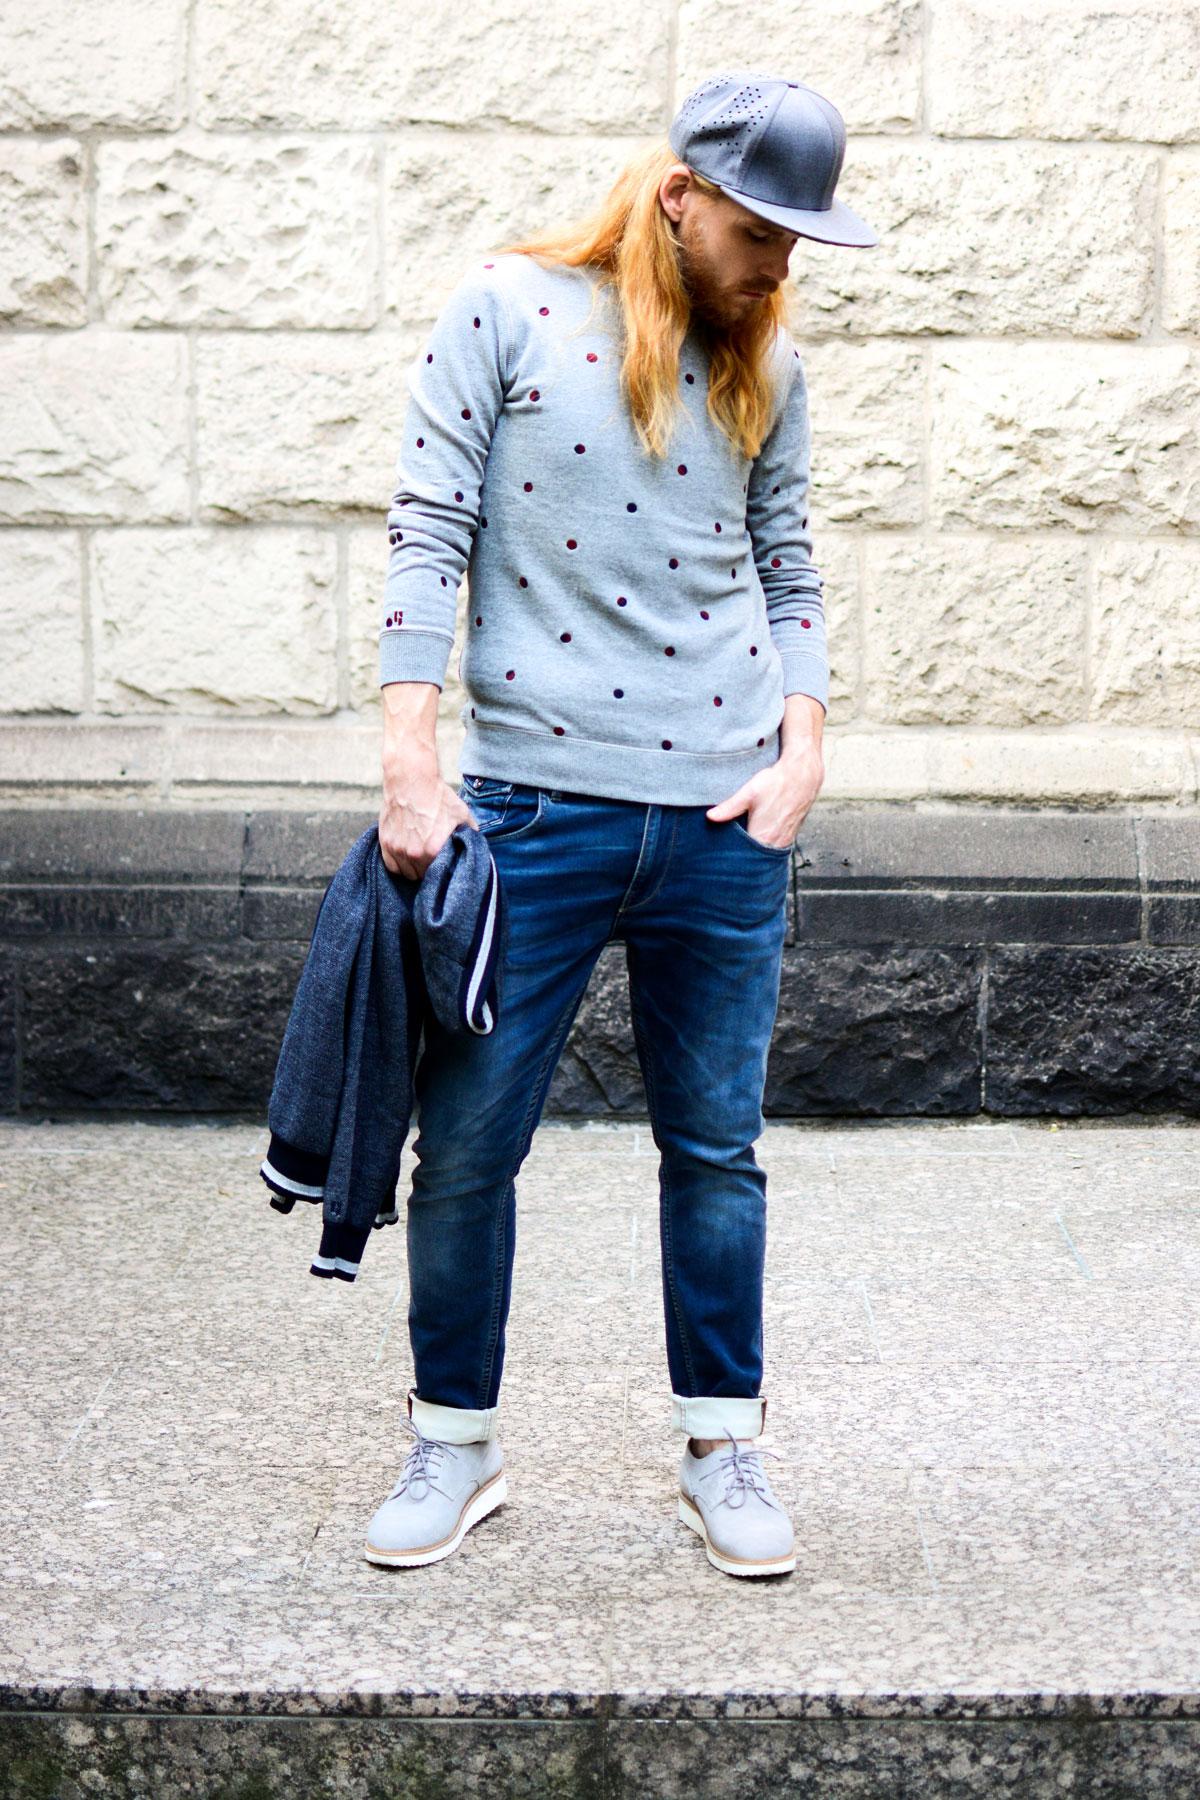 Garcia-Jeans-Everyday-Outfit-Sweatshirt-Cap-Herbstlook